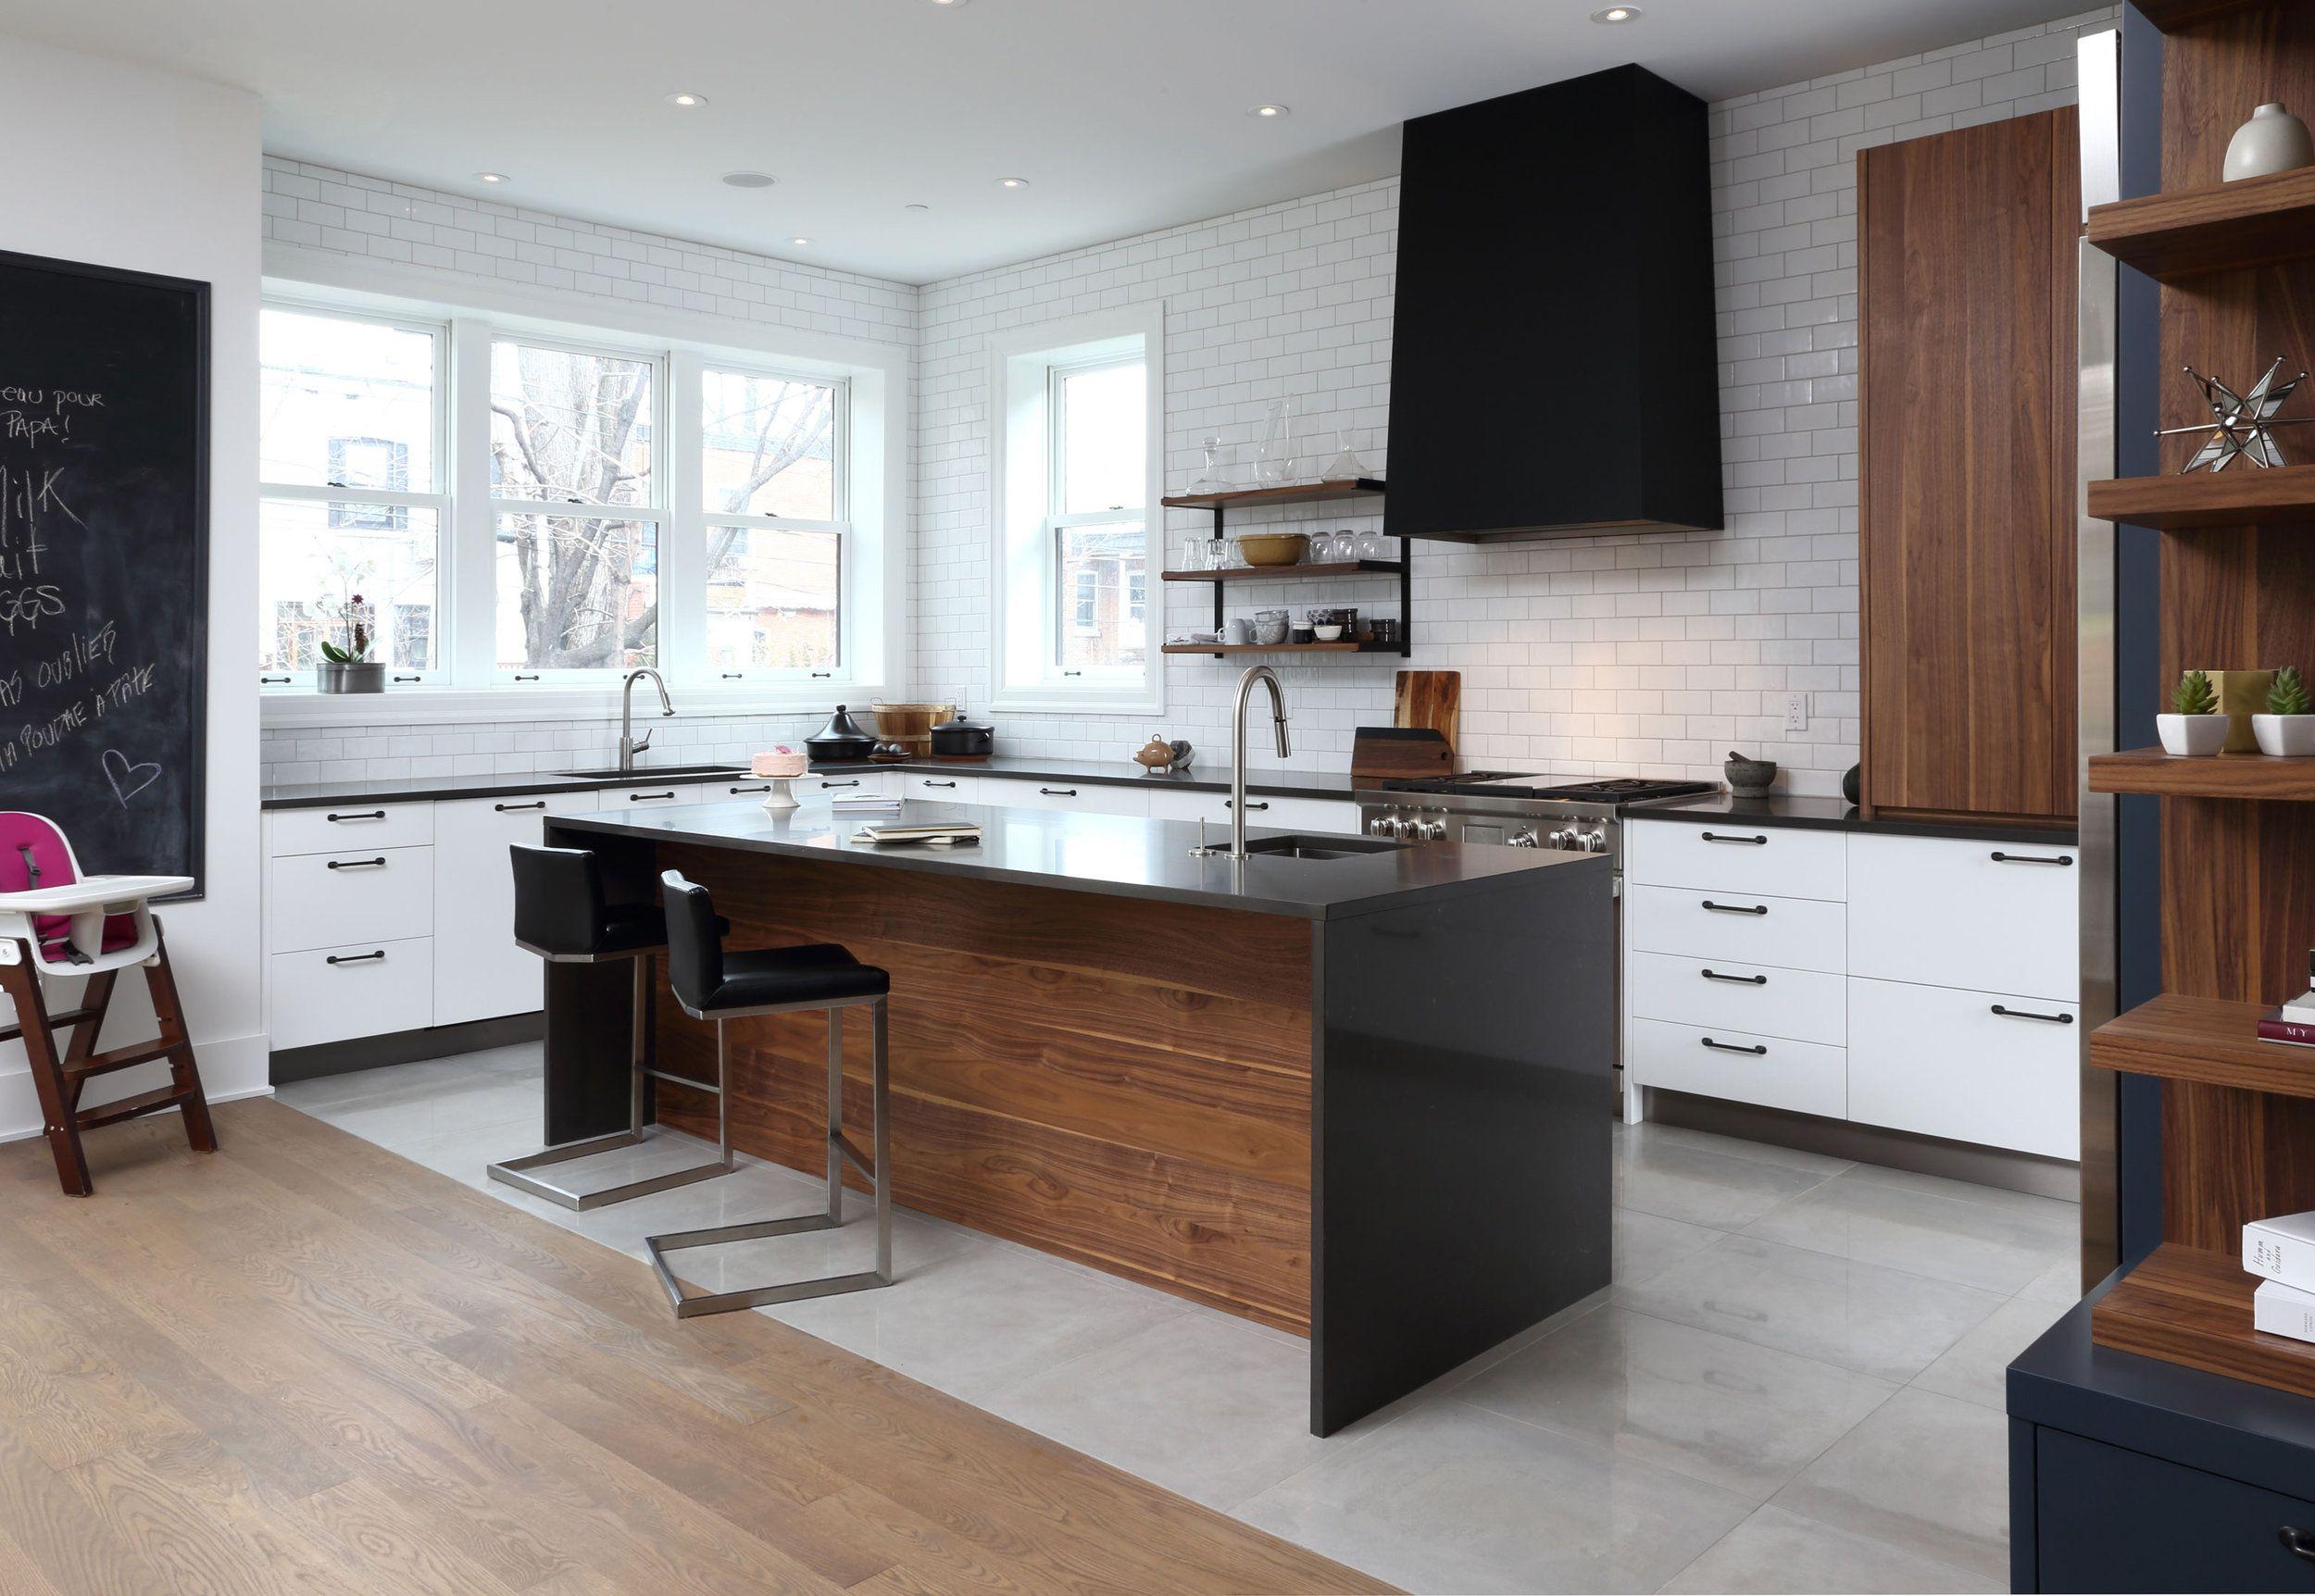 Cuisine Contemporaine Blanche Marine Tuiles Subway Accent Noyer Metal Noir 3 Copie Jpg Kitchen Hood Design Contemporary Kitchen Kitchen Inspirations